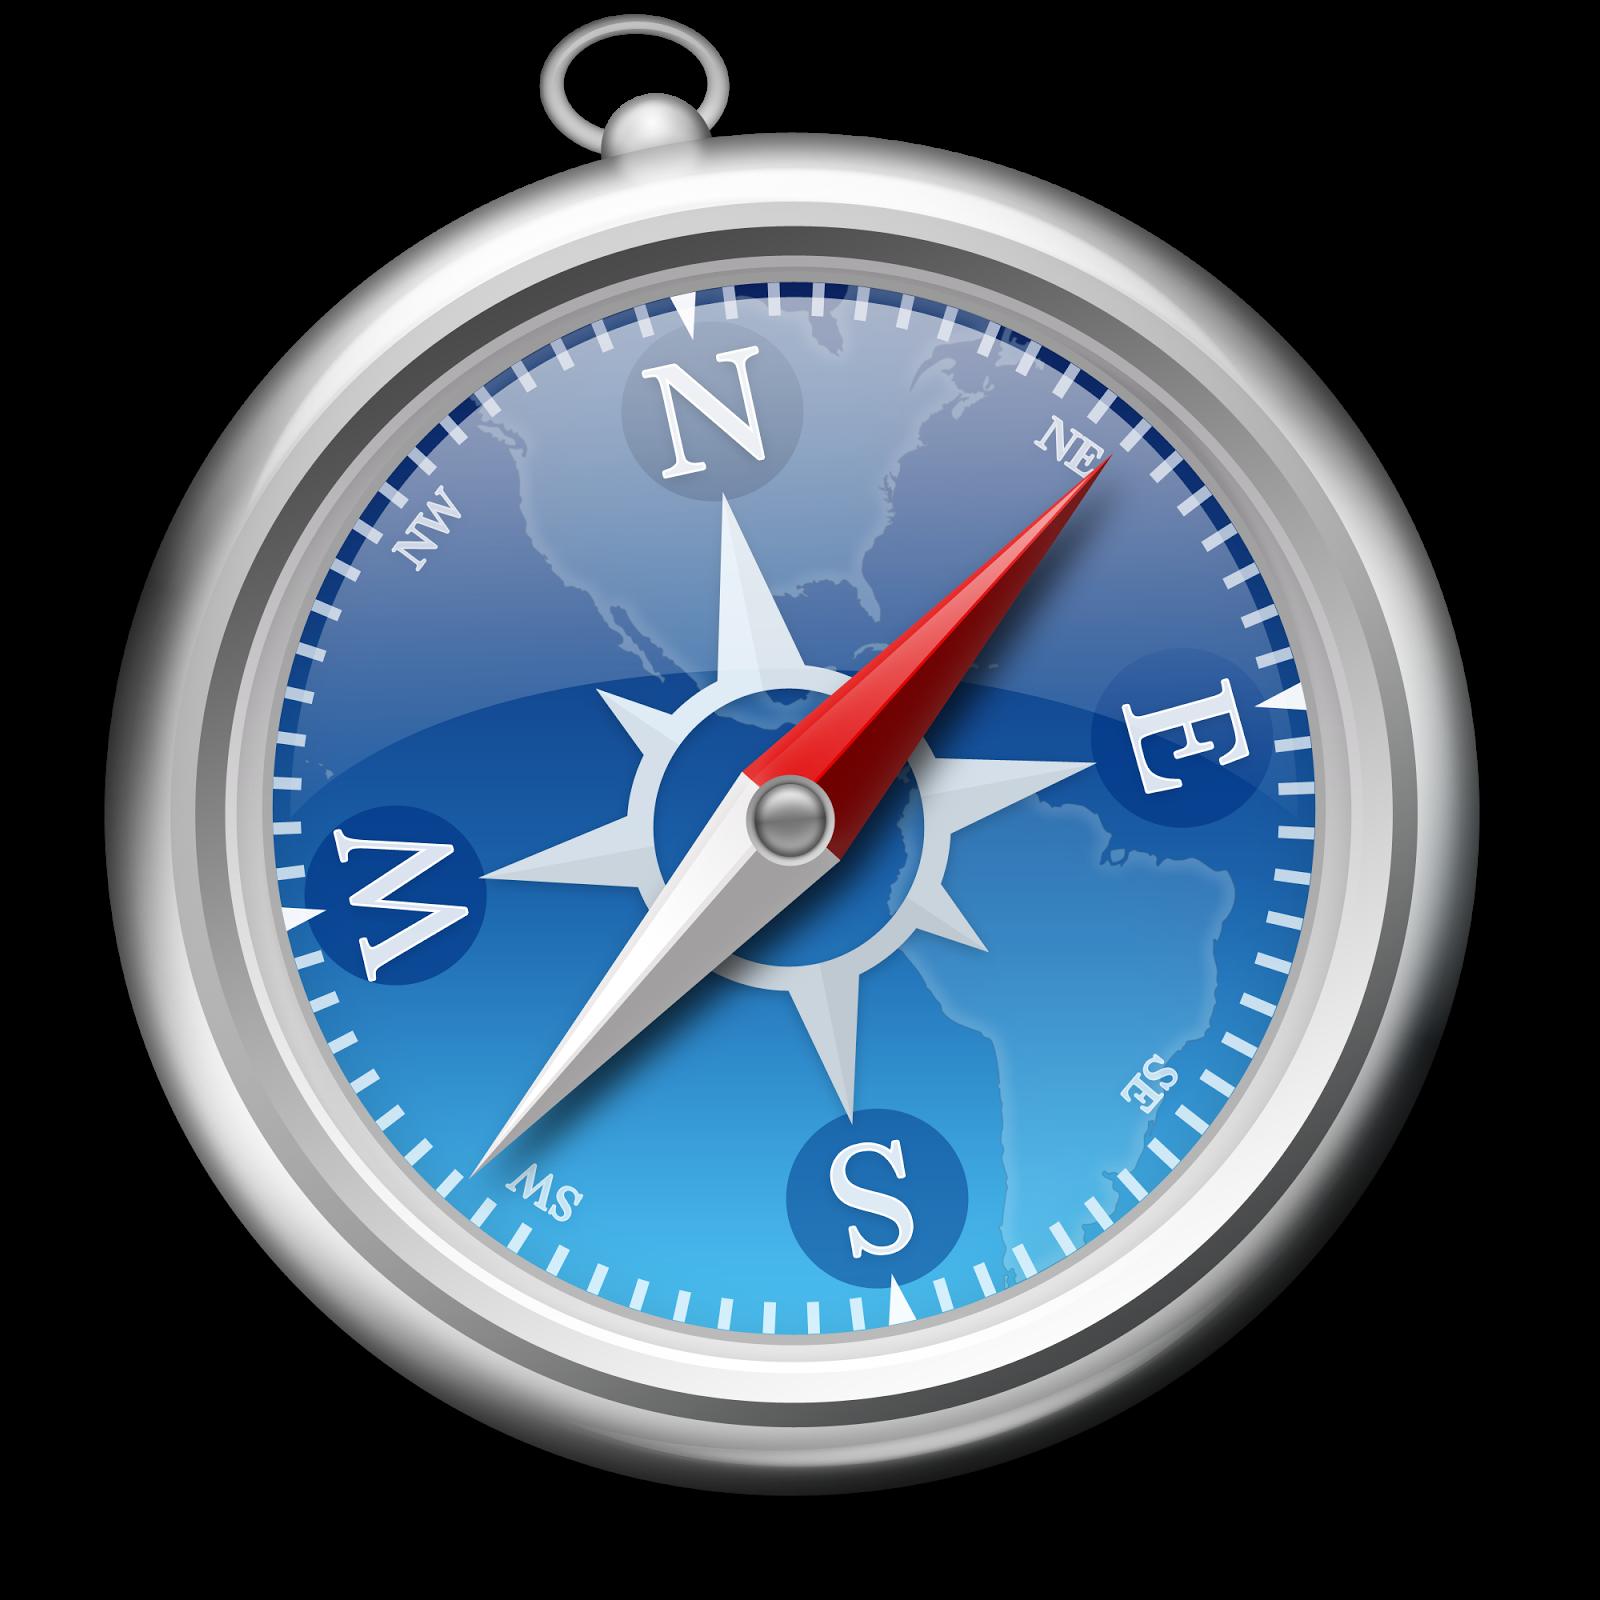 safari browser png